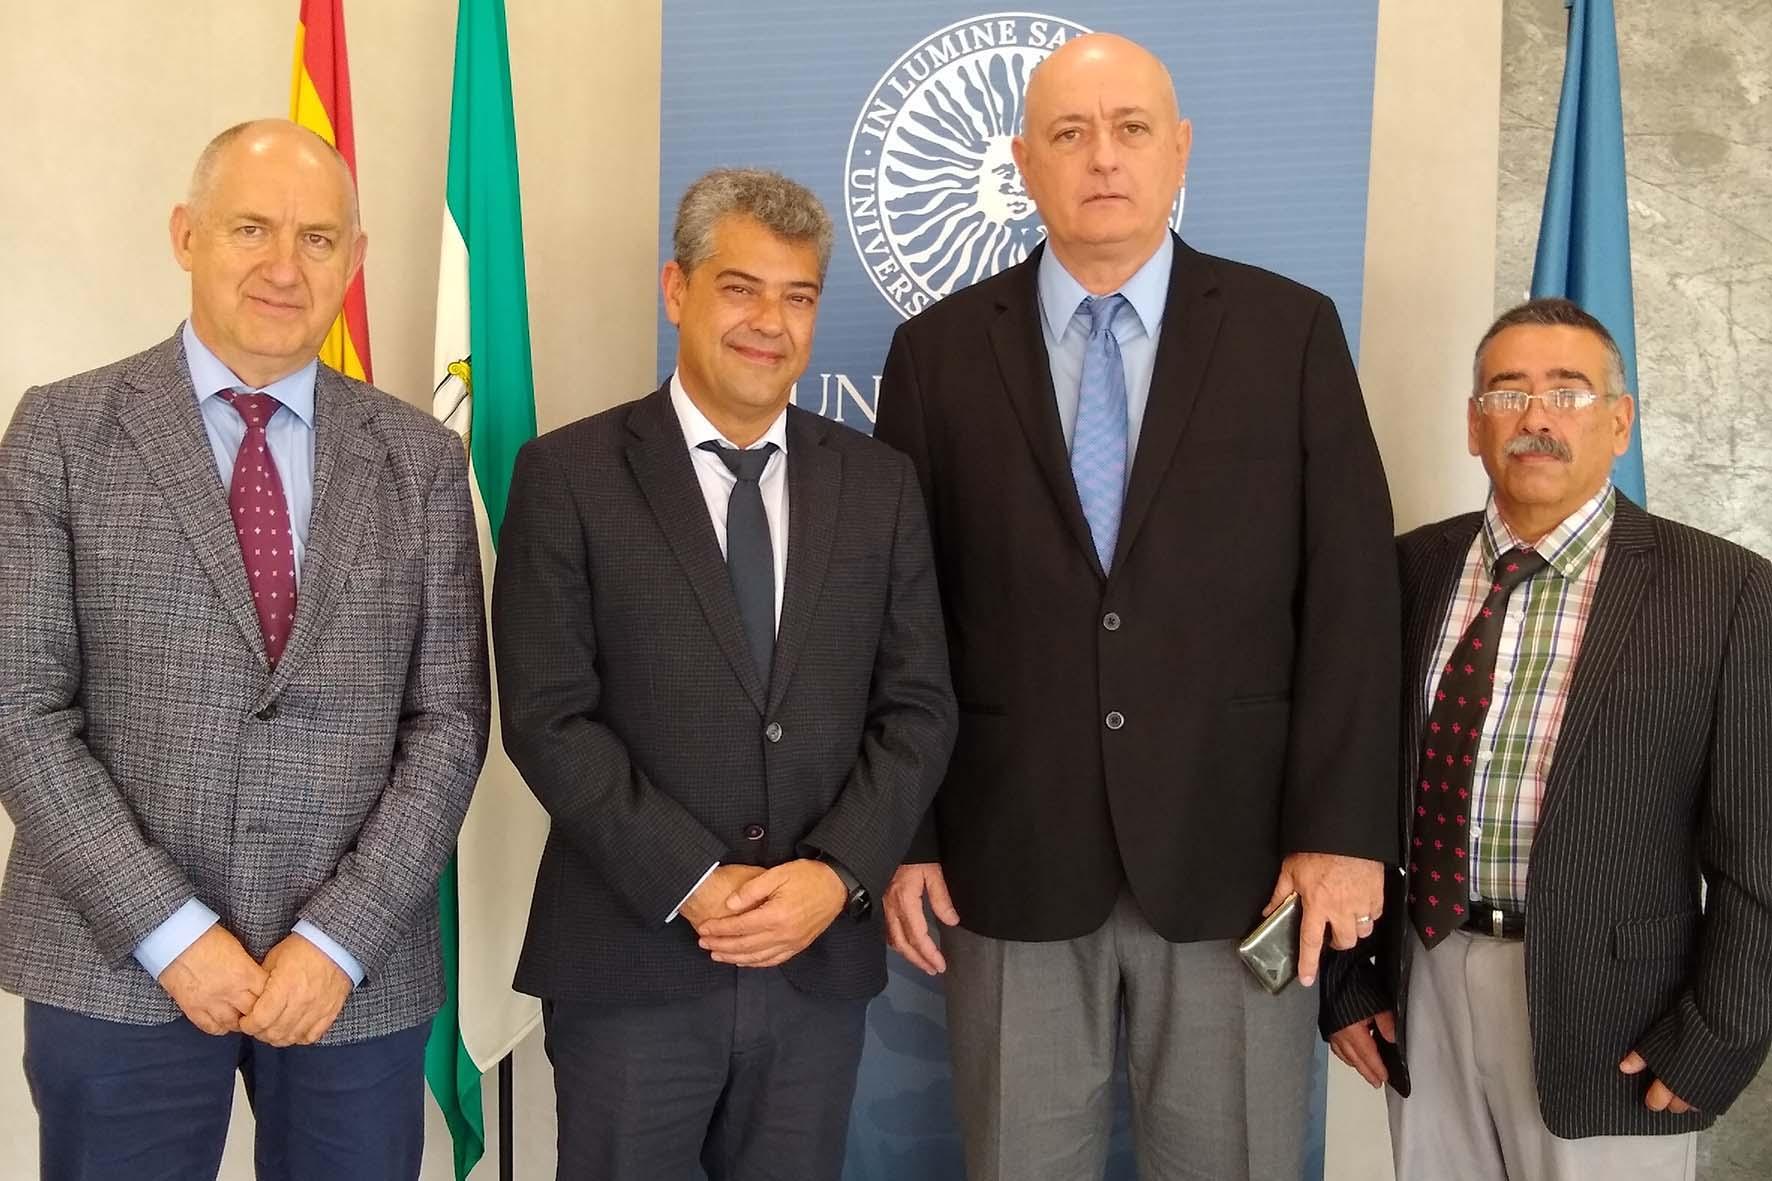 Firmado un convenio entre la UAL y la Universidad de Ciencias Médicas de Cienfuegos, Cuba